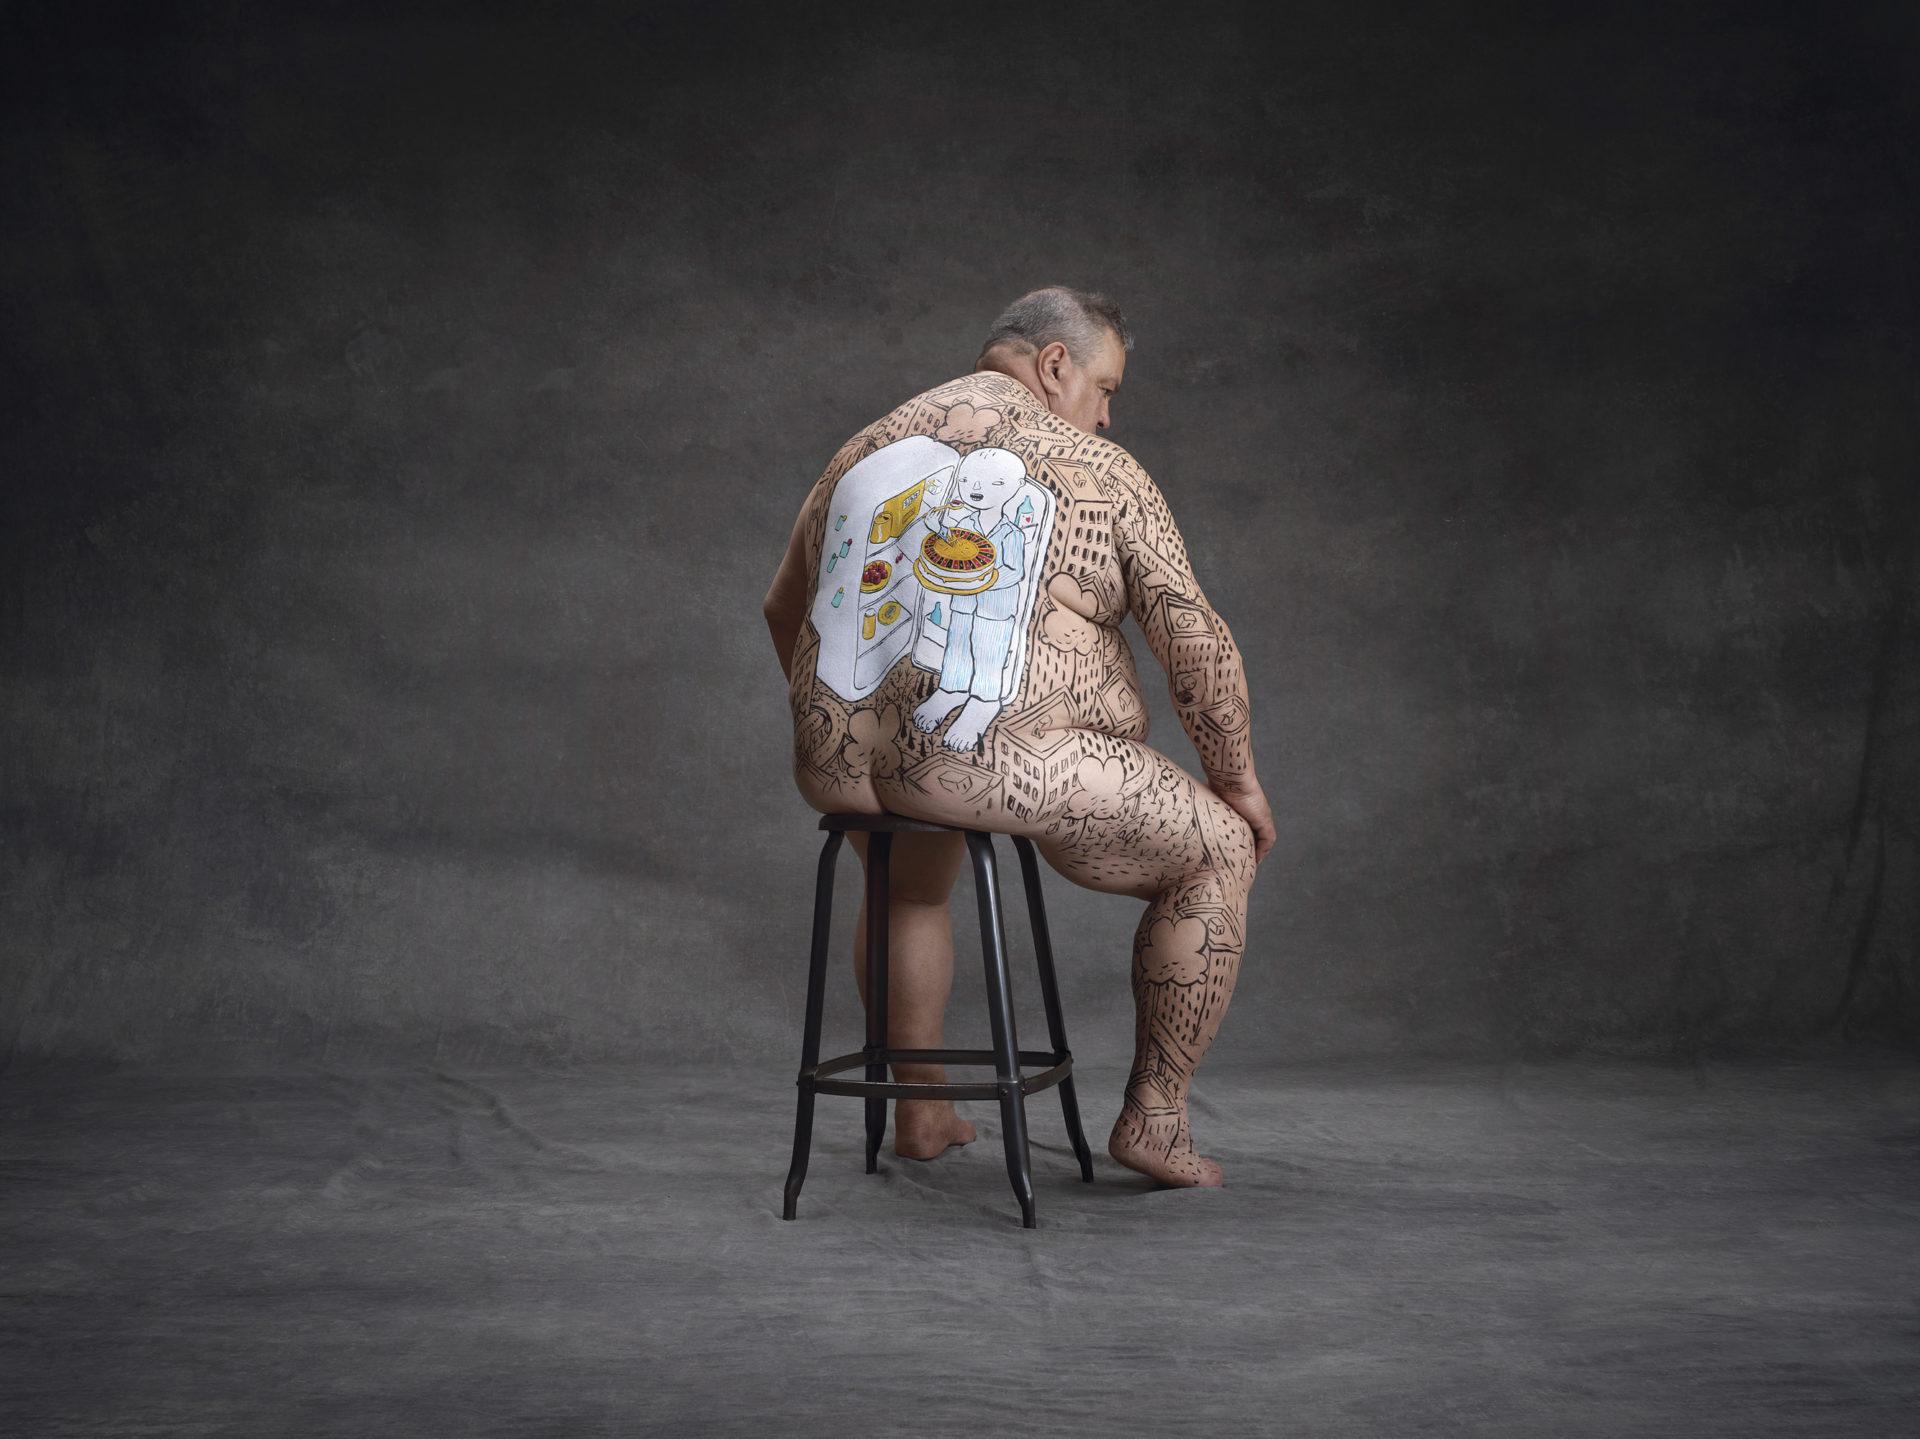 """Quel dolore che causa l'obesità dipinto sulla pelle di chi non sta solo """"mangiando troppo"""""""